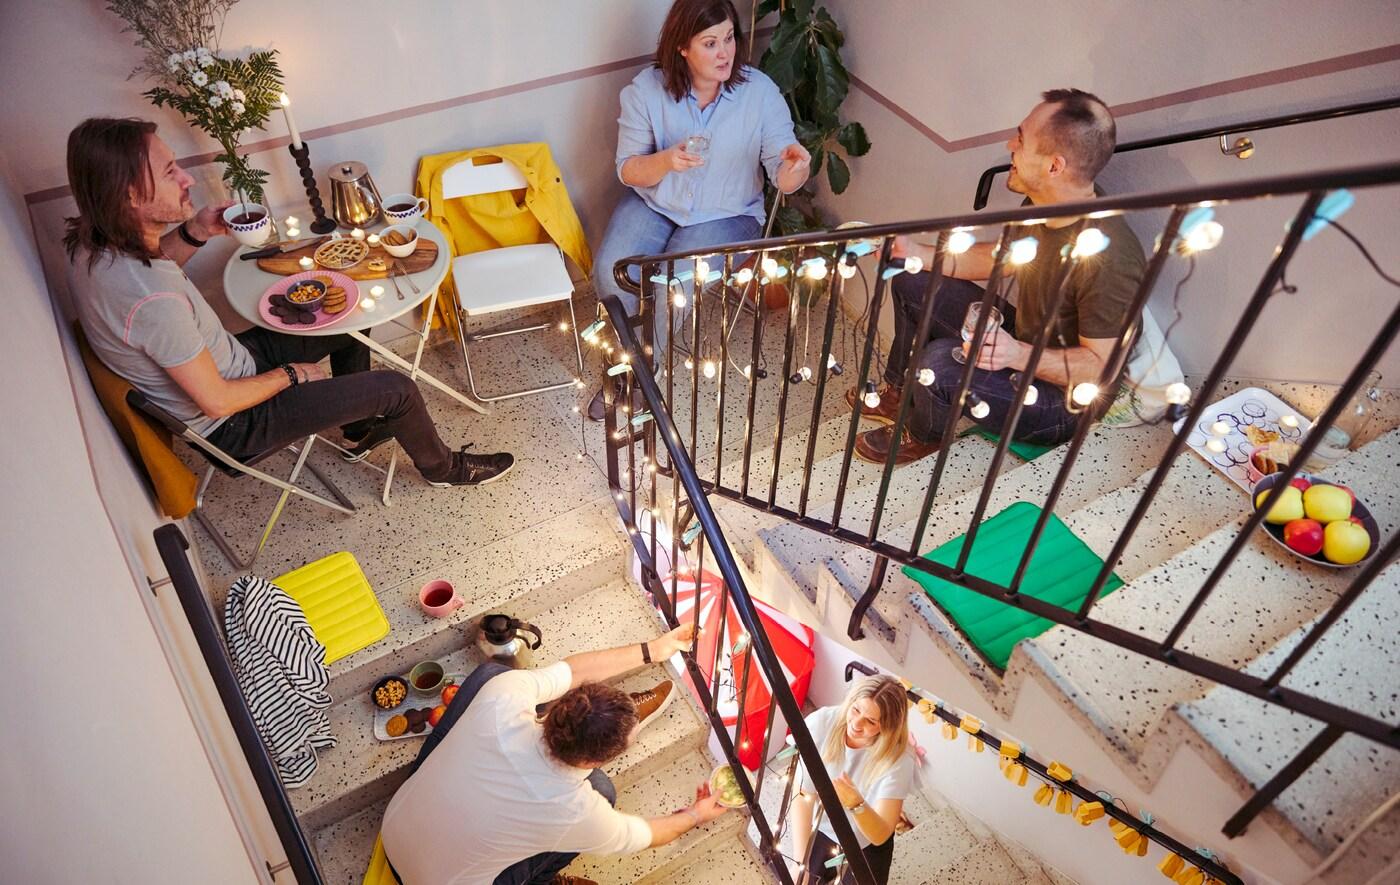 Grupa muškaraca i žena priča i deli grickalice dok sede na različitim nivoima stepeništa.